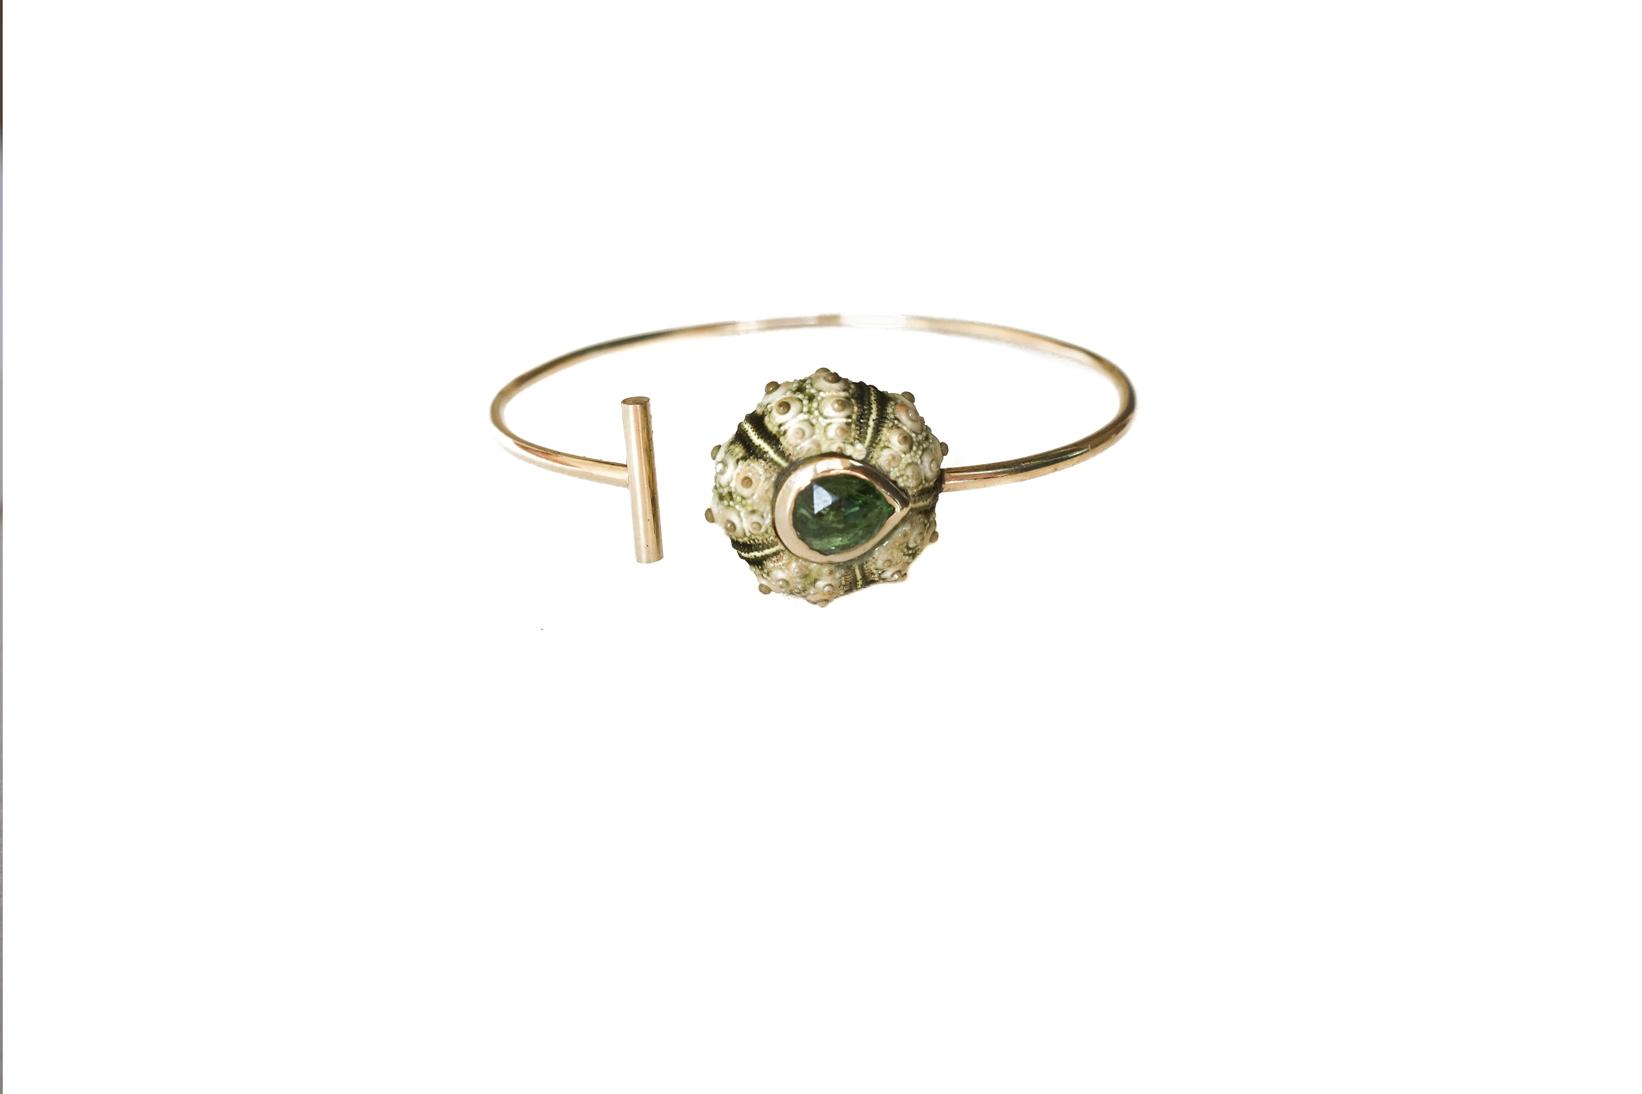 Moss Velvet Bangle - Green Garnet